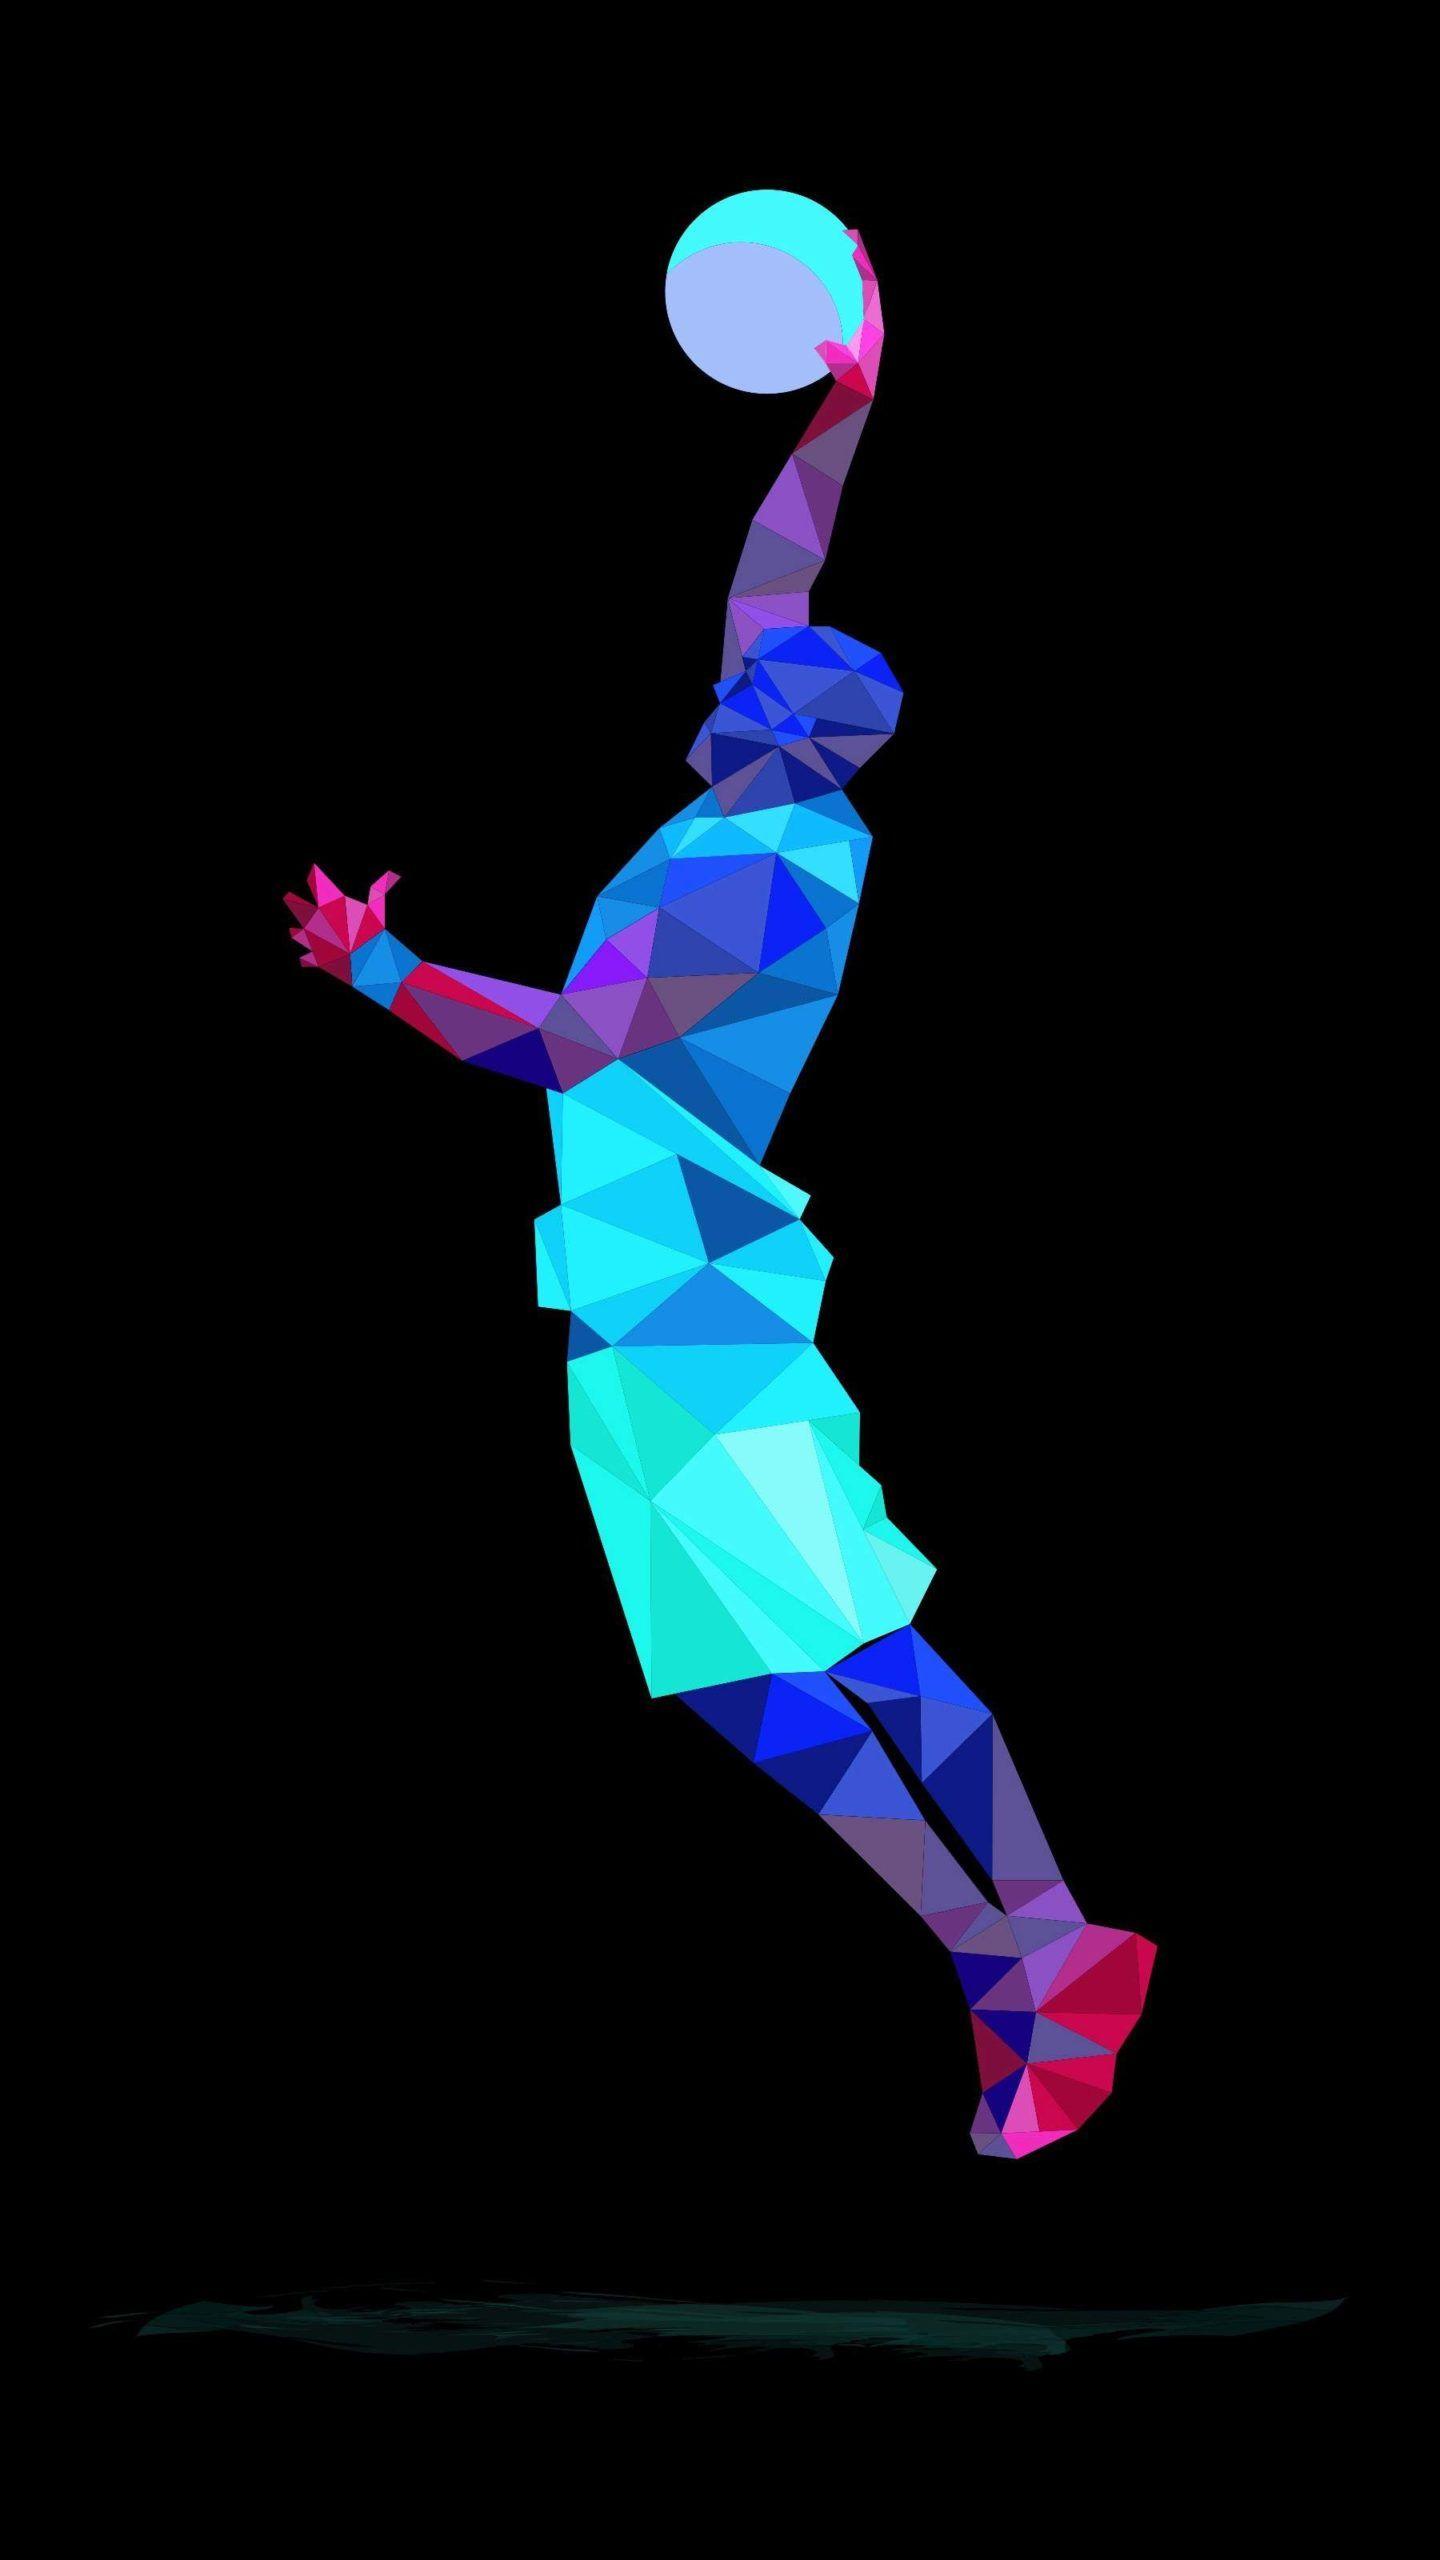 AMOLED Basketball iPhone Wallpaper Check more at